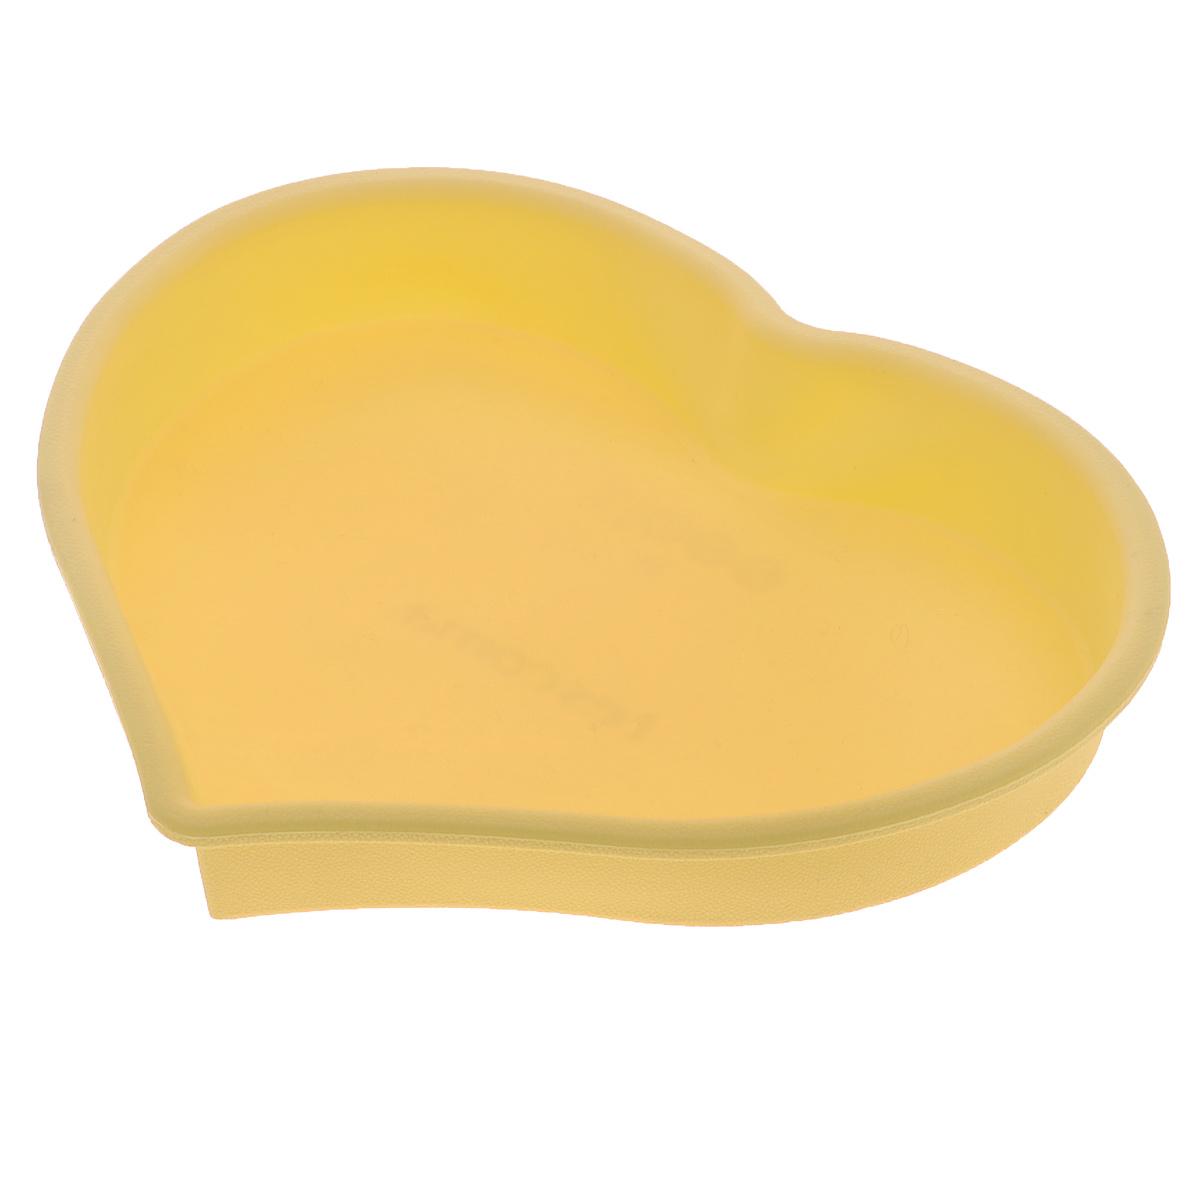 Форма для выпечки Tescoma Delicia Silicone, цвет: желтый, 25 см х 24 см629280Форма Tescoma Delicia Silicone, выполненная в виде сердца, будет отличным выбором для всех любителей выпечки. Благодаря тому, что форма изготовлена из силикона, готовую выпечку вынимать легко и просто. Форма прекрасно подходит для выпечки пирогов, тортов и других десертов. С такой формой вы всегда сможете порадовать своих близких оригинальной выпечкой. Материал изделия устойчив к фруктовым кислотам, может быть использован в духовках, микроволновых печах, холодильниках и морозильных камерах (выдерживает температуру от -40°C до 230°C). Антипригарные свойства материала позволяют готовить без использования масла. Можно мыть и сушить в посудомоечной машине. При работе с формой используйте кухонный инструмент из силикона - кисти, лопатки, скребки. Не ставьте форму на электрическую конфорку. Не разрезайте выпечку прямо в форме.